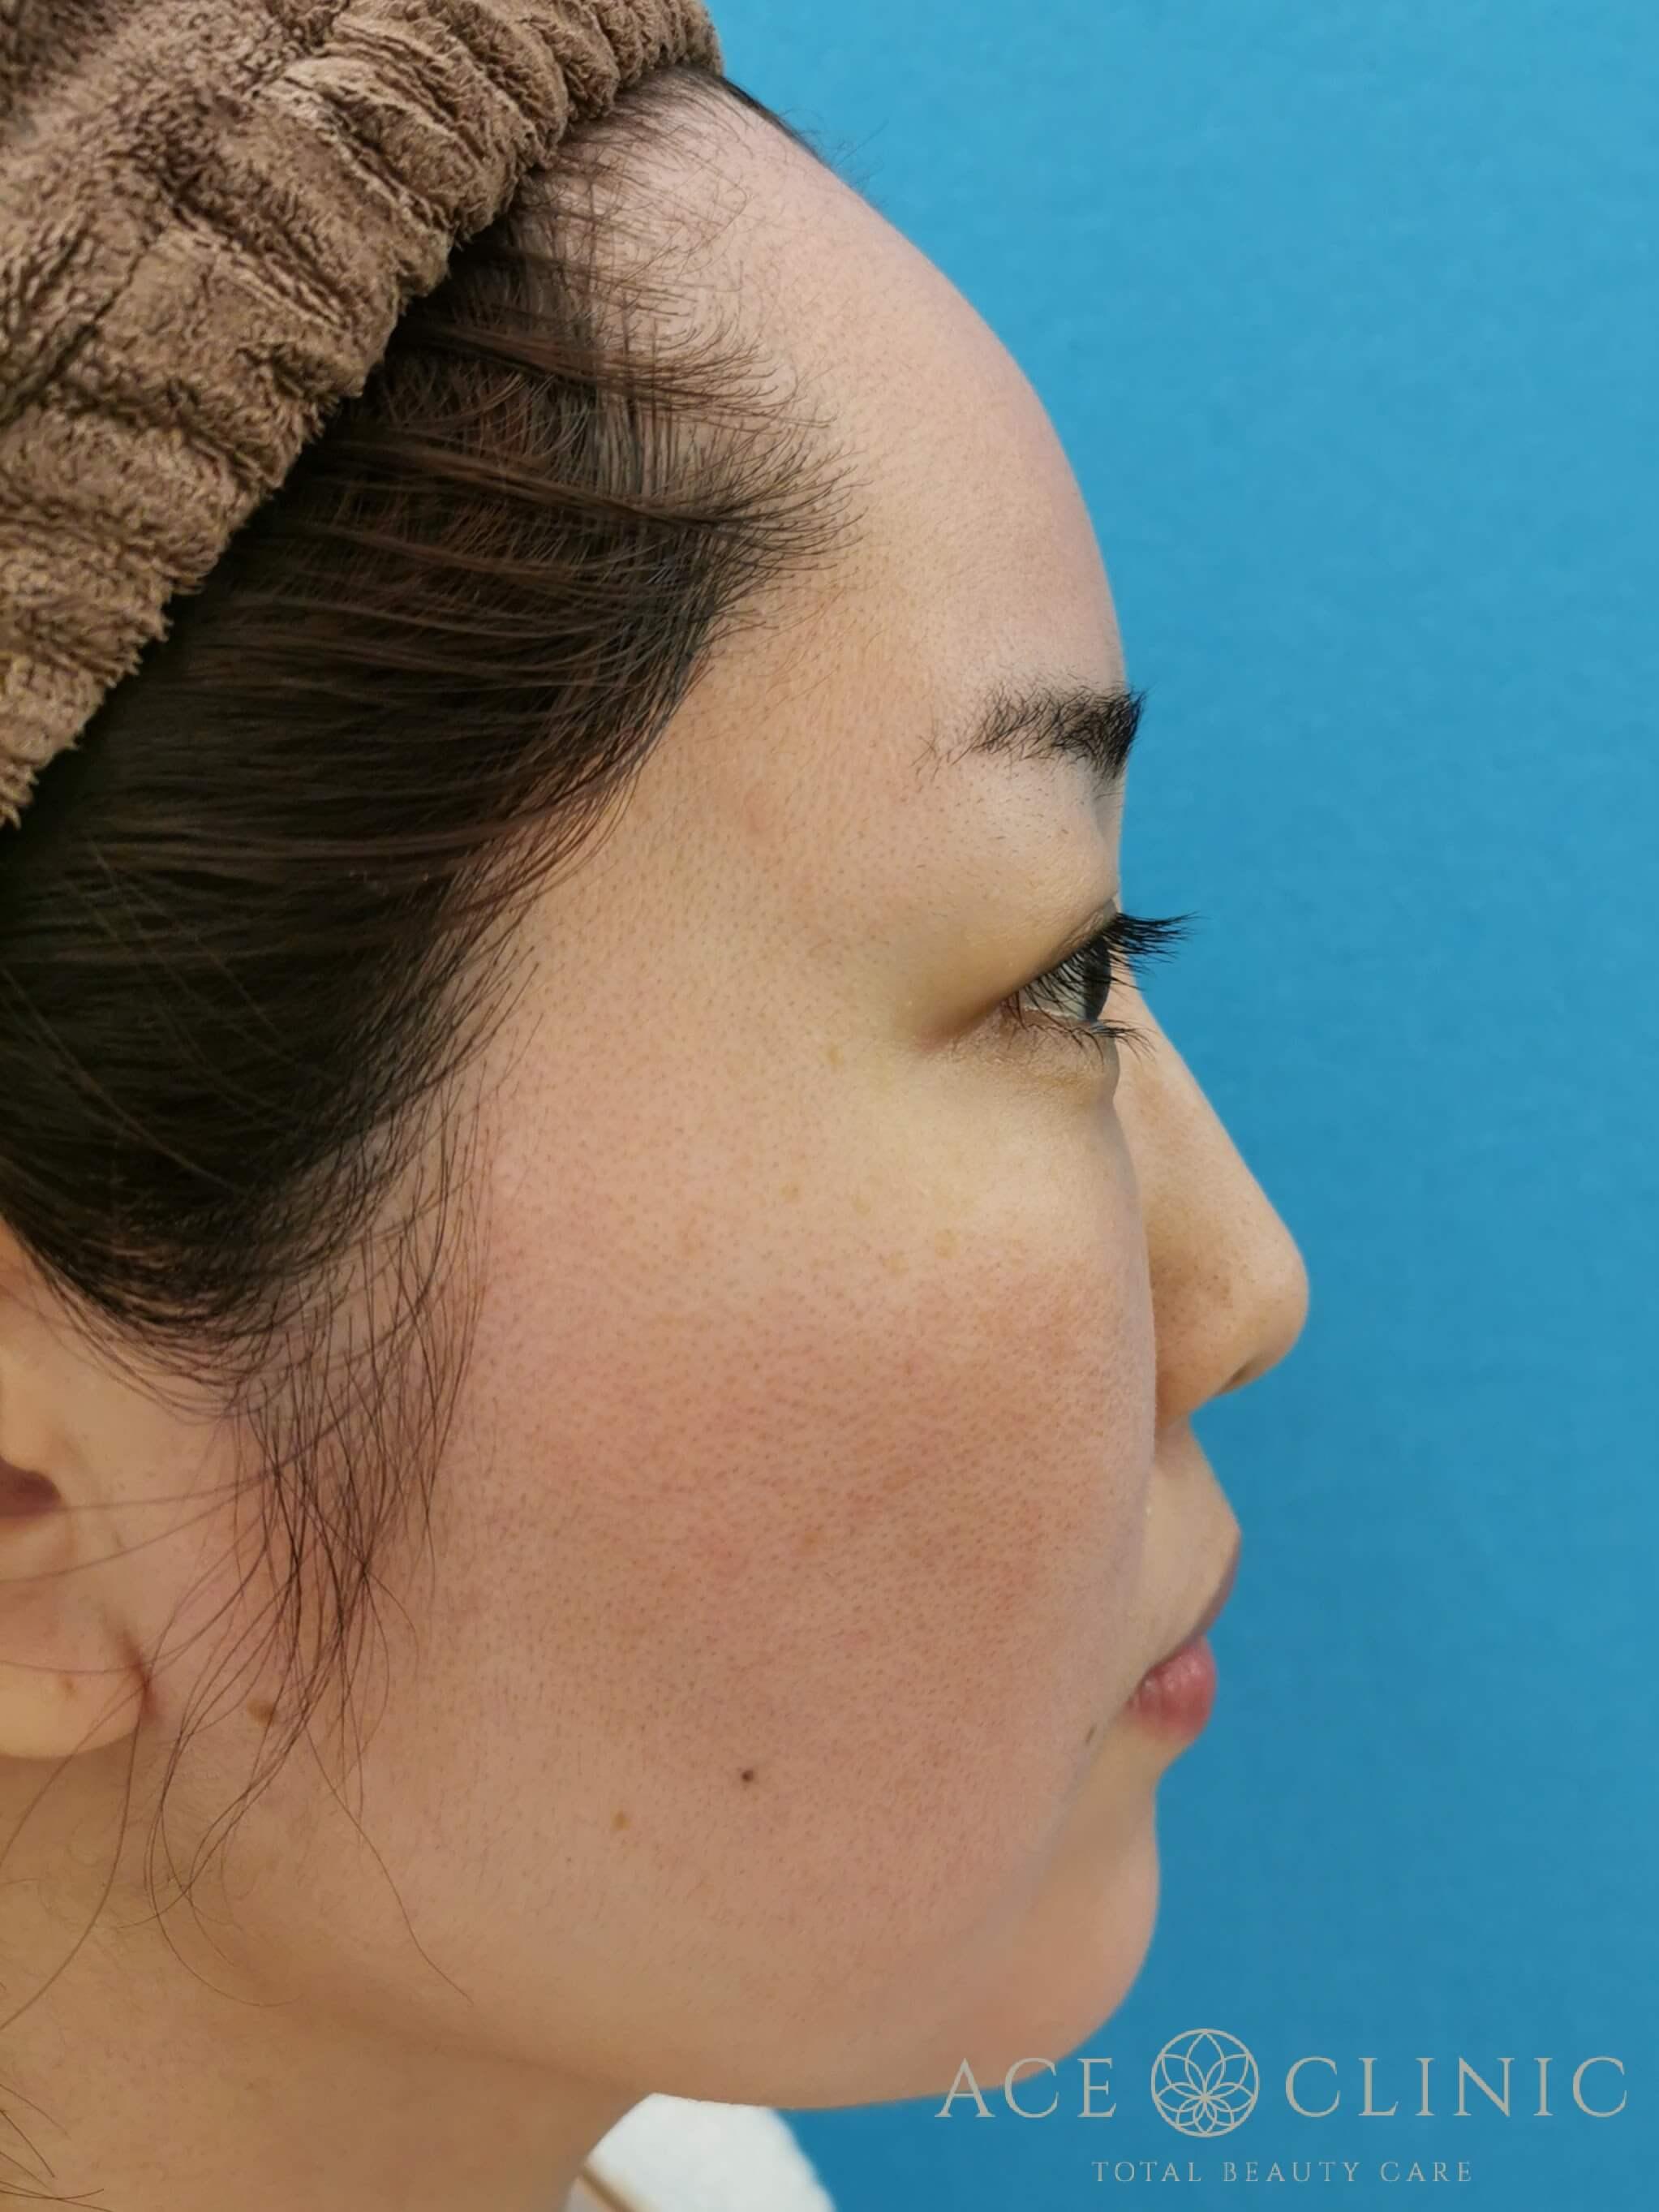 ヒアルロン酸注入(鼻・ほうれい線) 施術後 横